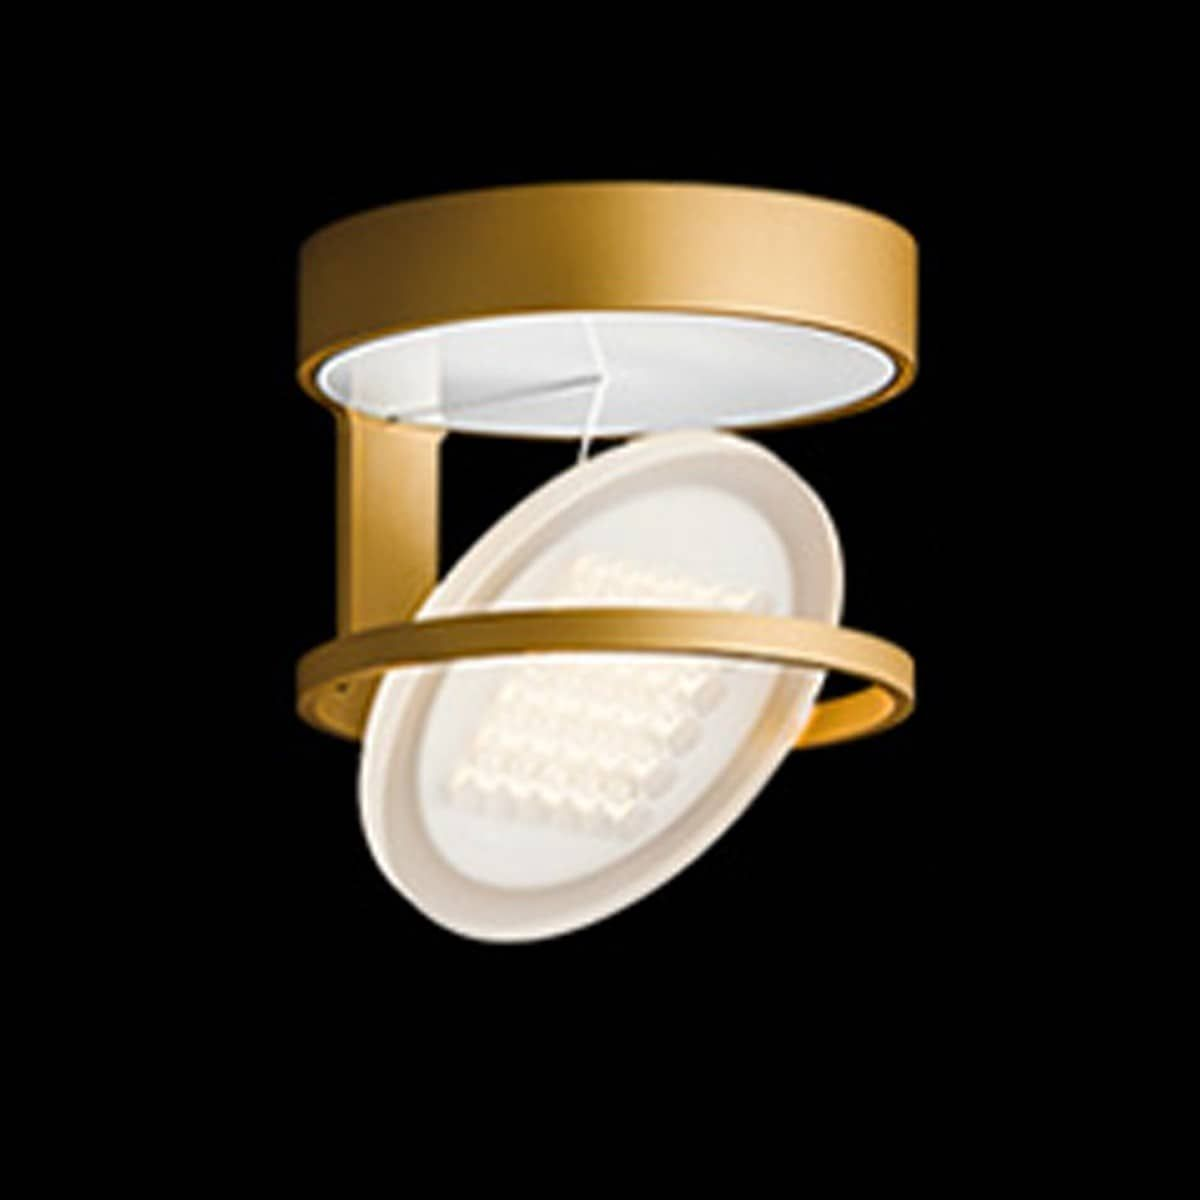 Nimbus Rim R 36 Deckenleuchte 2700 K Gold Matt Eloxiert Led Deckenleuchte Dimmbar Beleuchtung Decke Deckenleuchten